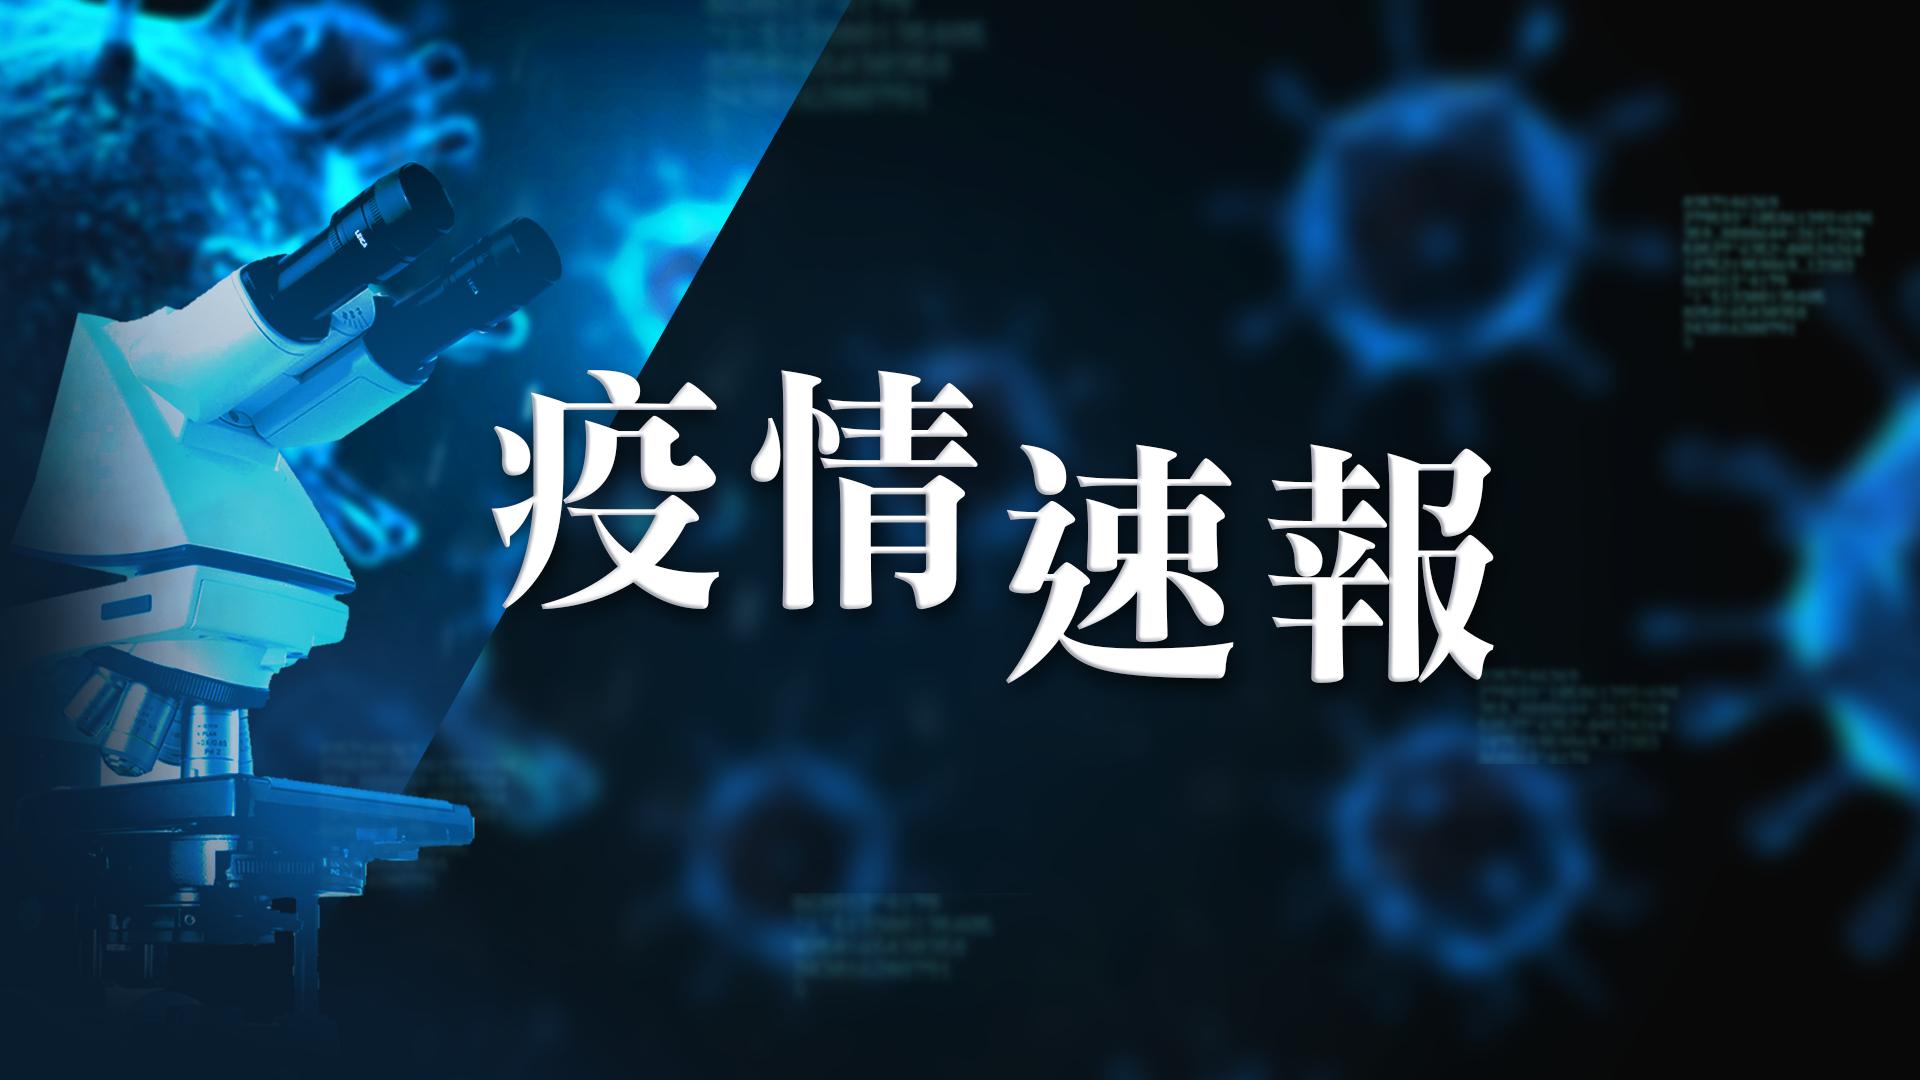 【2月1日疫情速報】(23:45)